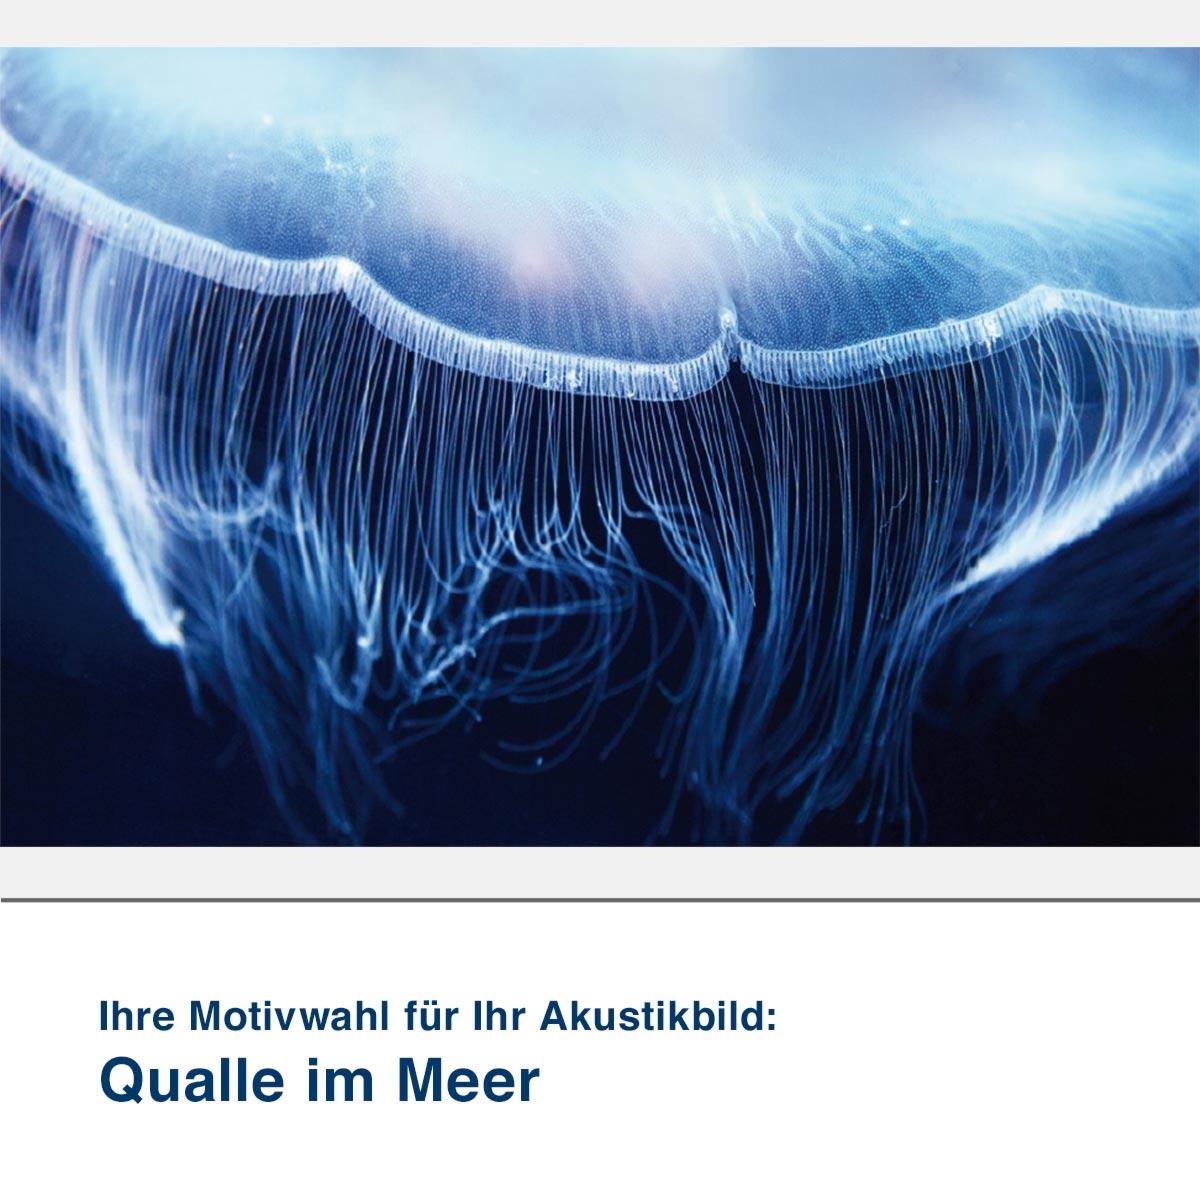 Akustikbild Motiv Qualle im Meer